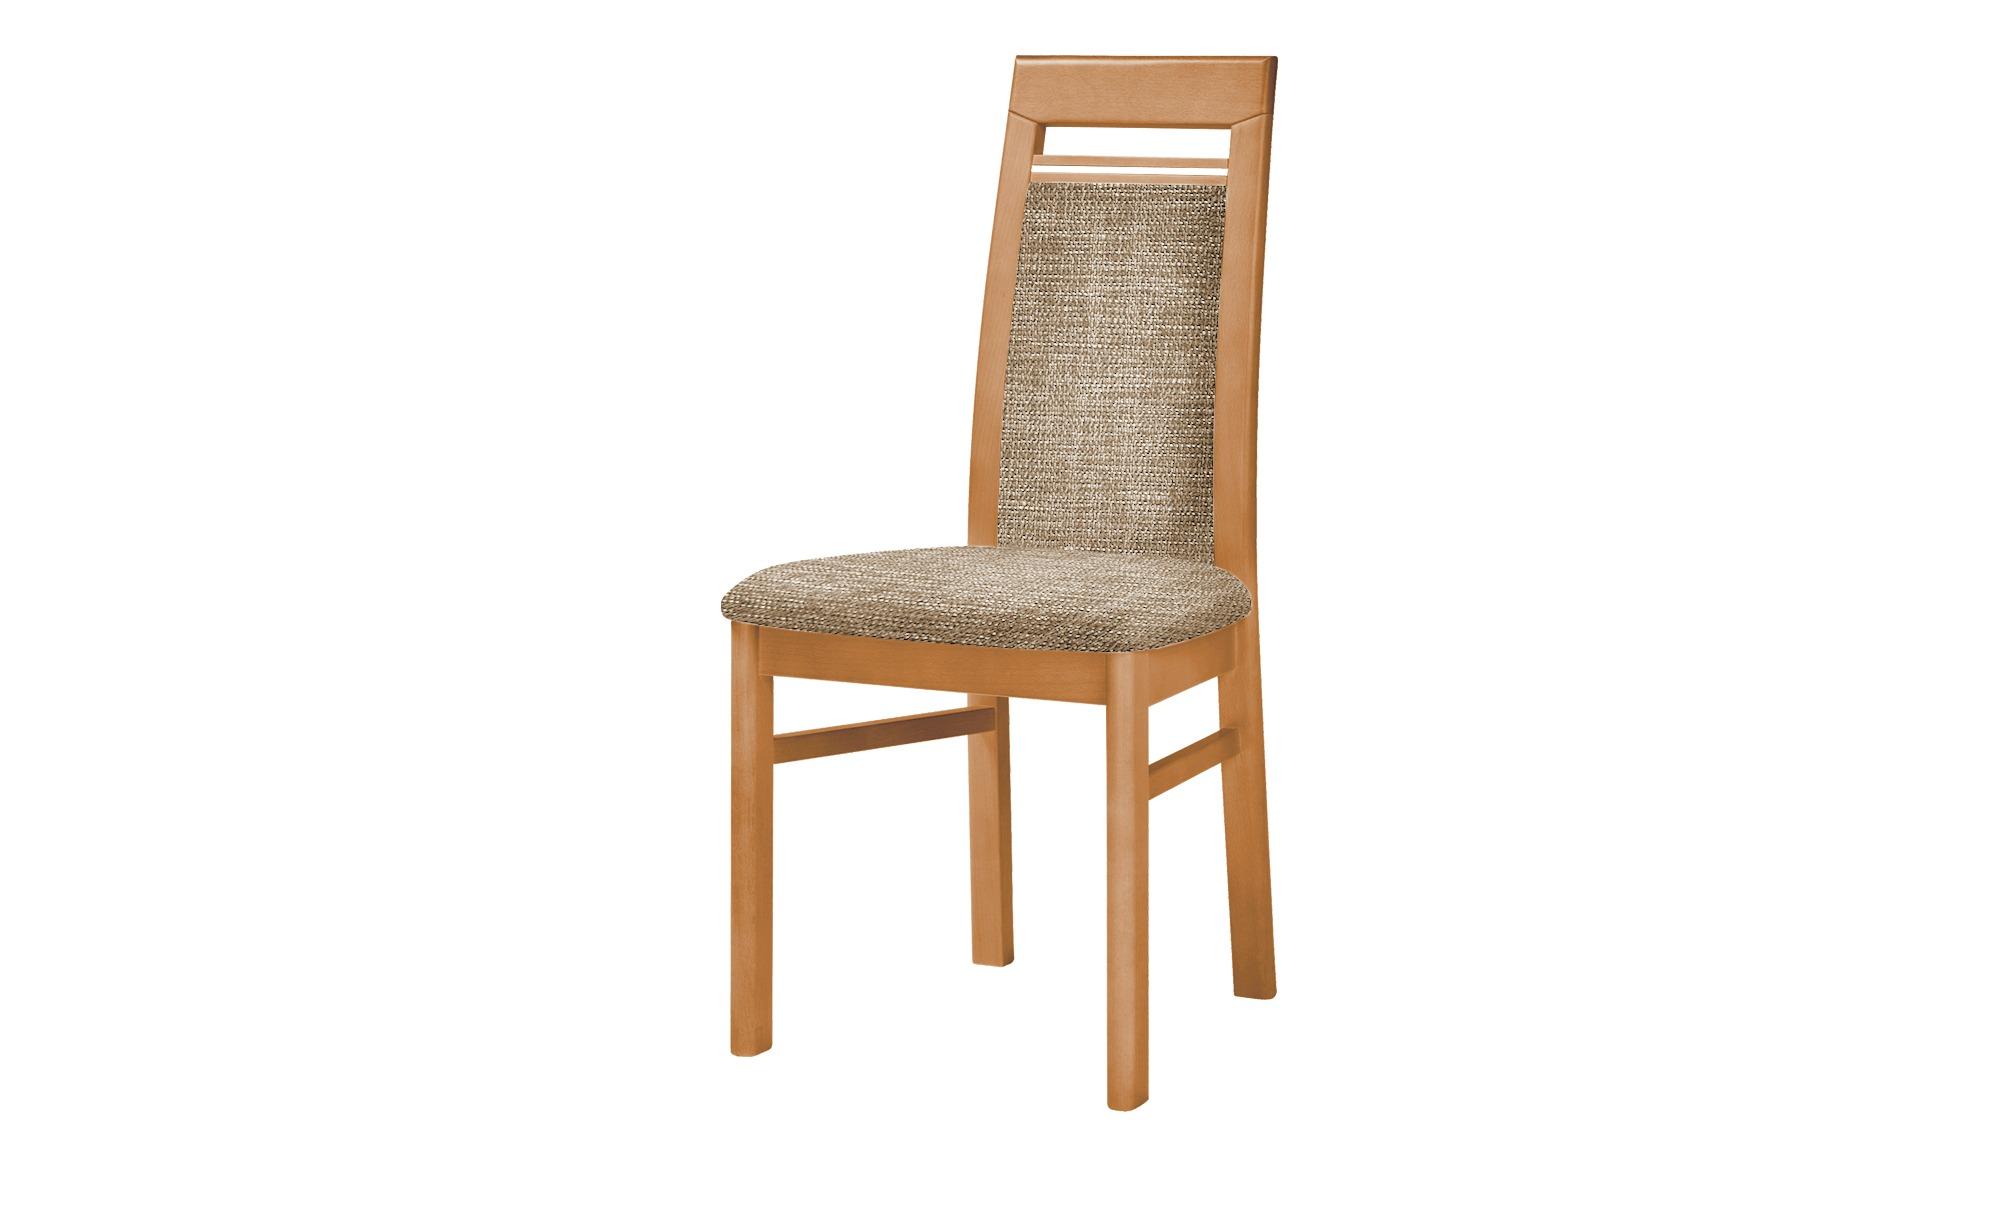 Stuhl Cristal Jetzt Bestellen Unter:  Https://moebel.ladendirekt.de/kueche Und Esszimmer/stuehle Und Hocker/esszimmerstuehle/?uidu003dad451eda 6b3d 53a0 970a   ...